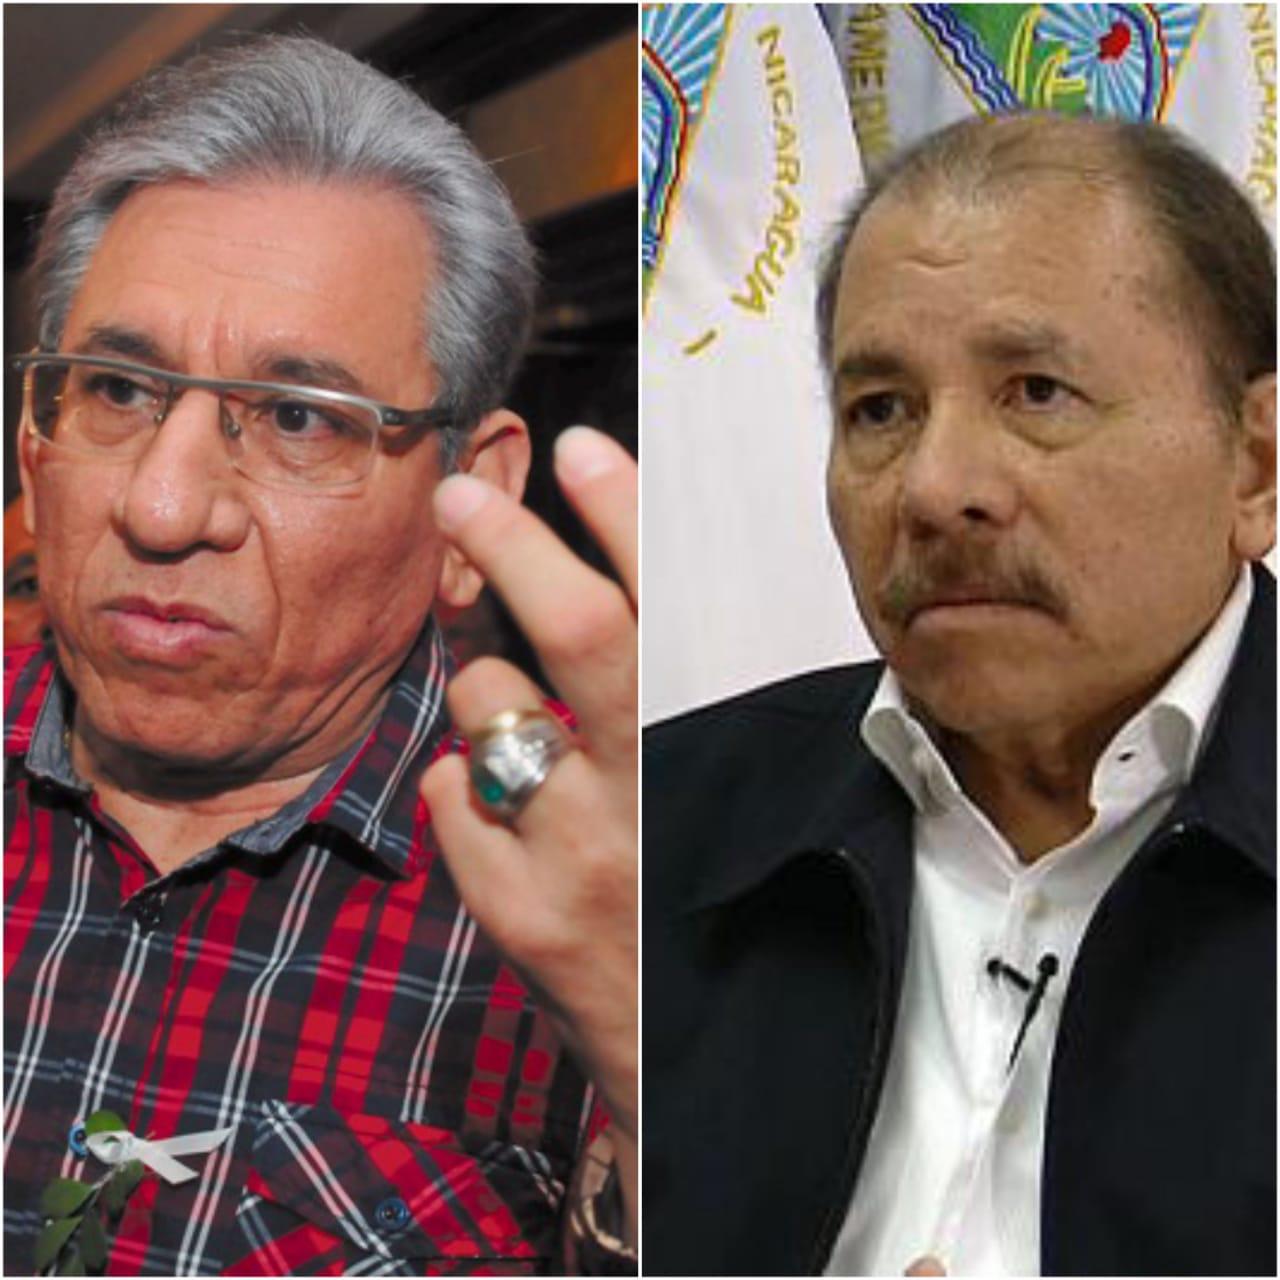 Humberto Ortega demanda al dictador la libertad de todos los presos políticos